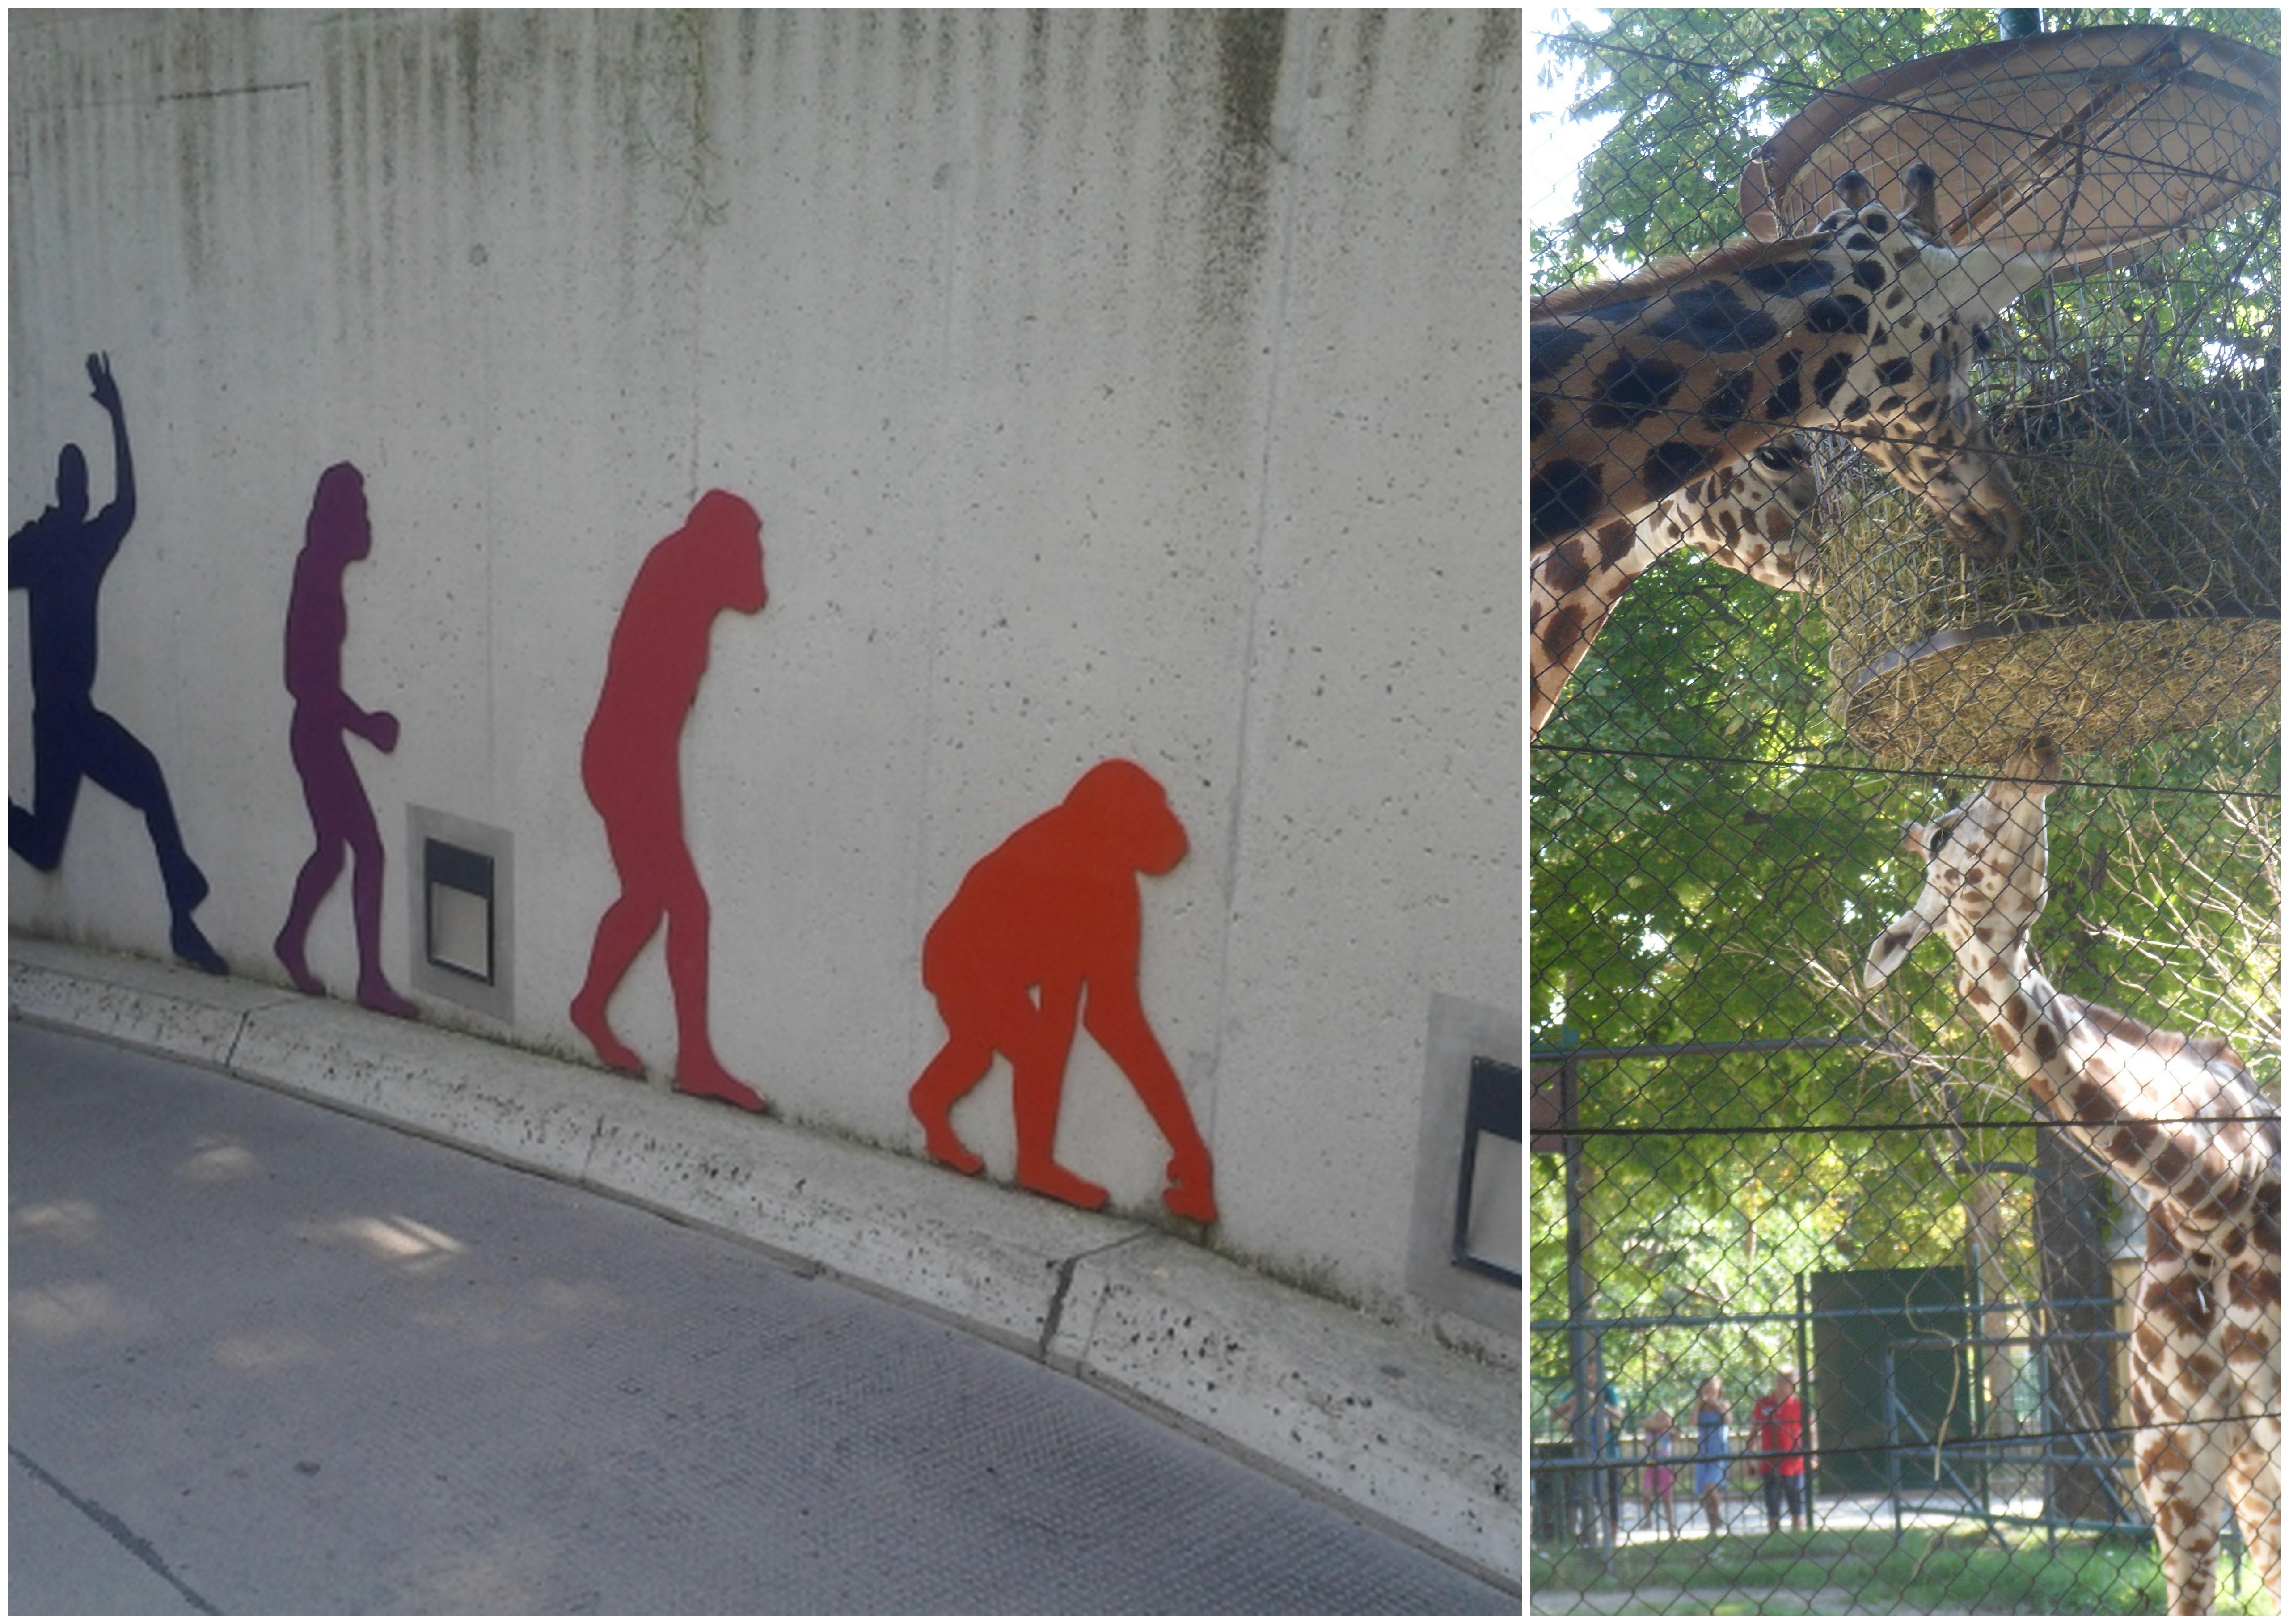 Планета обезьян - эволюция!